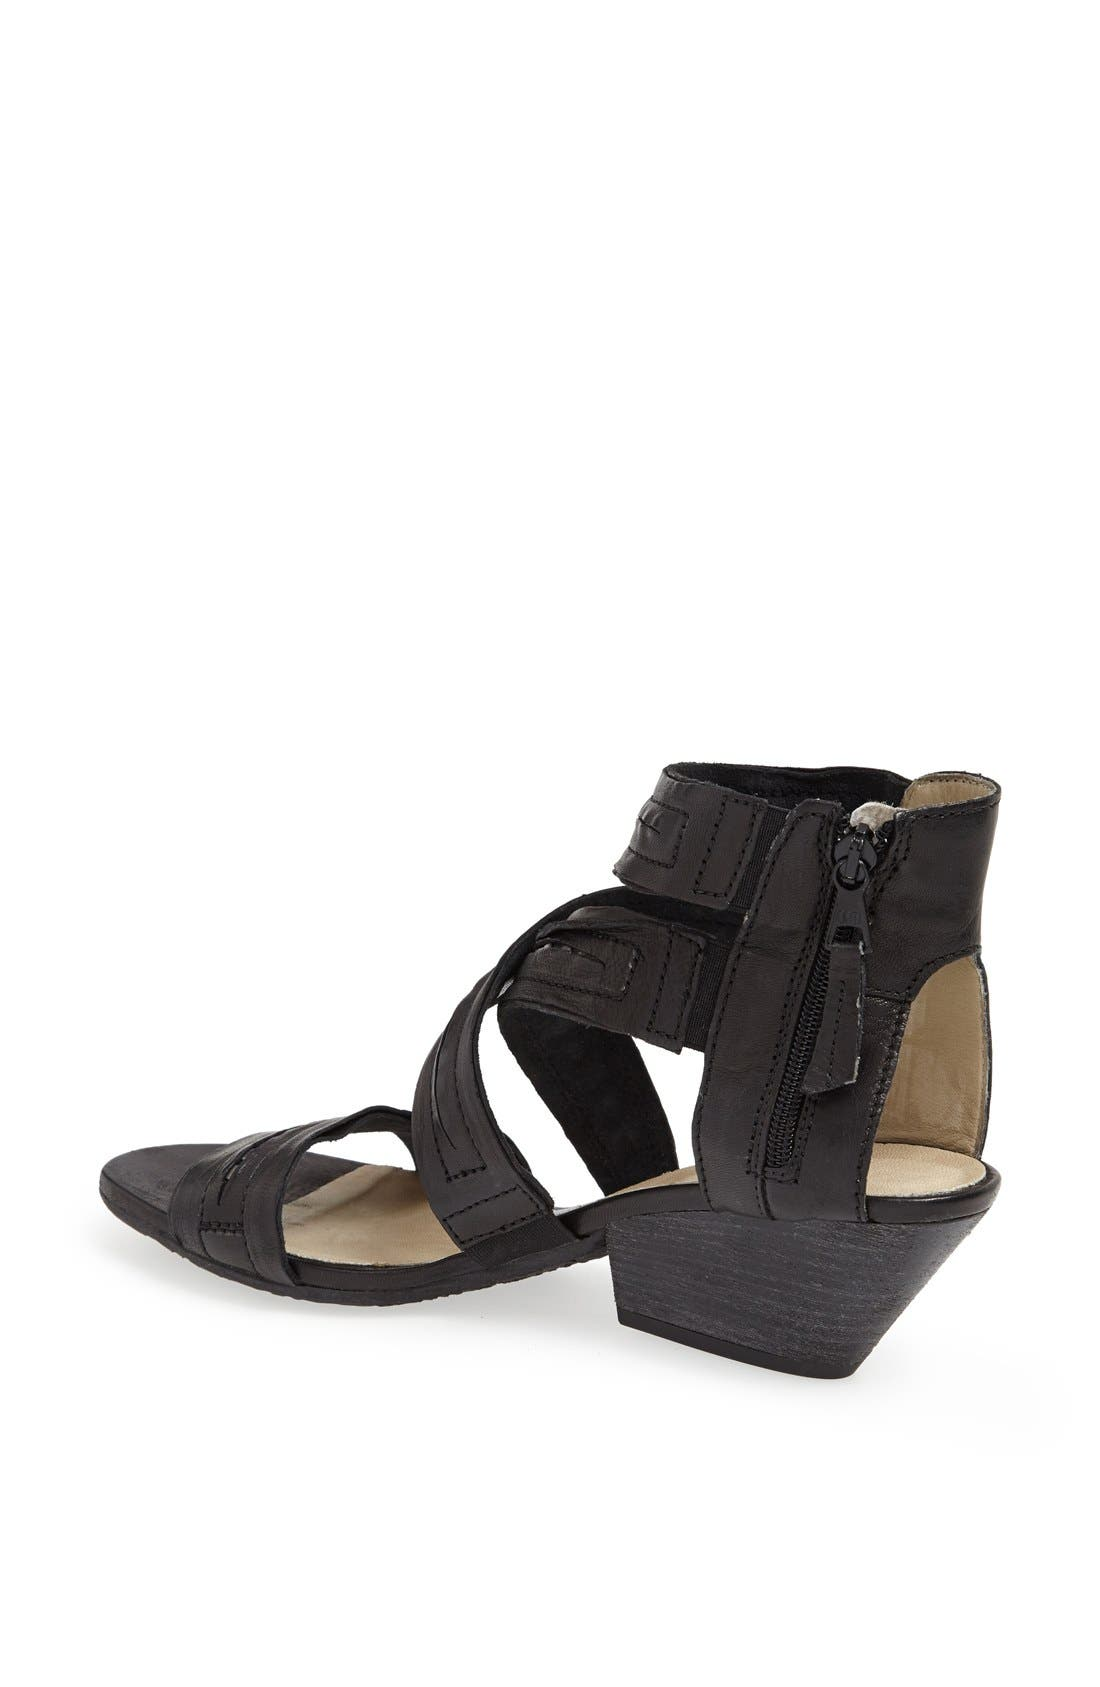 'Kenzie' Sandal,                             Alternate thumbnail 4, color,                             001